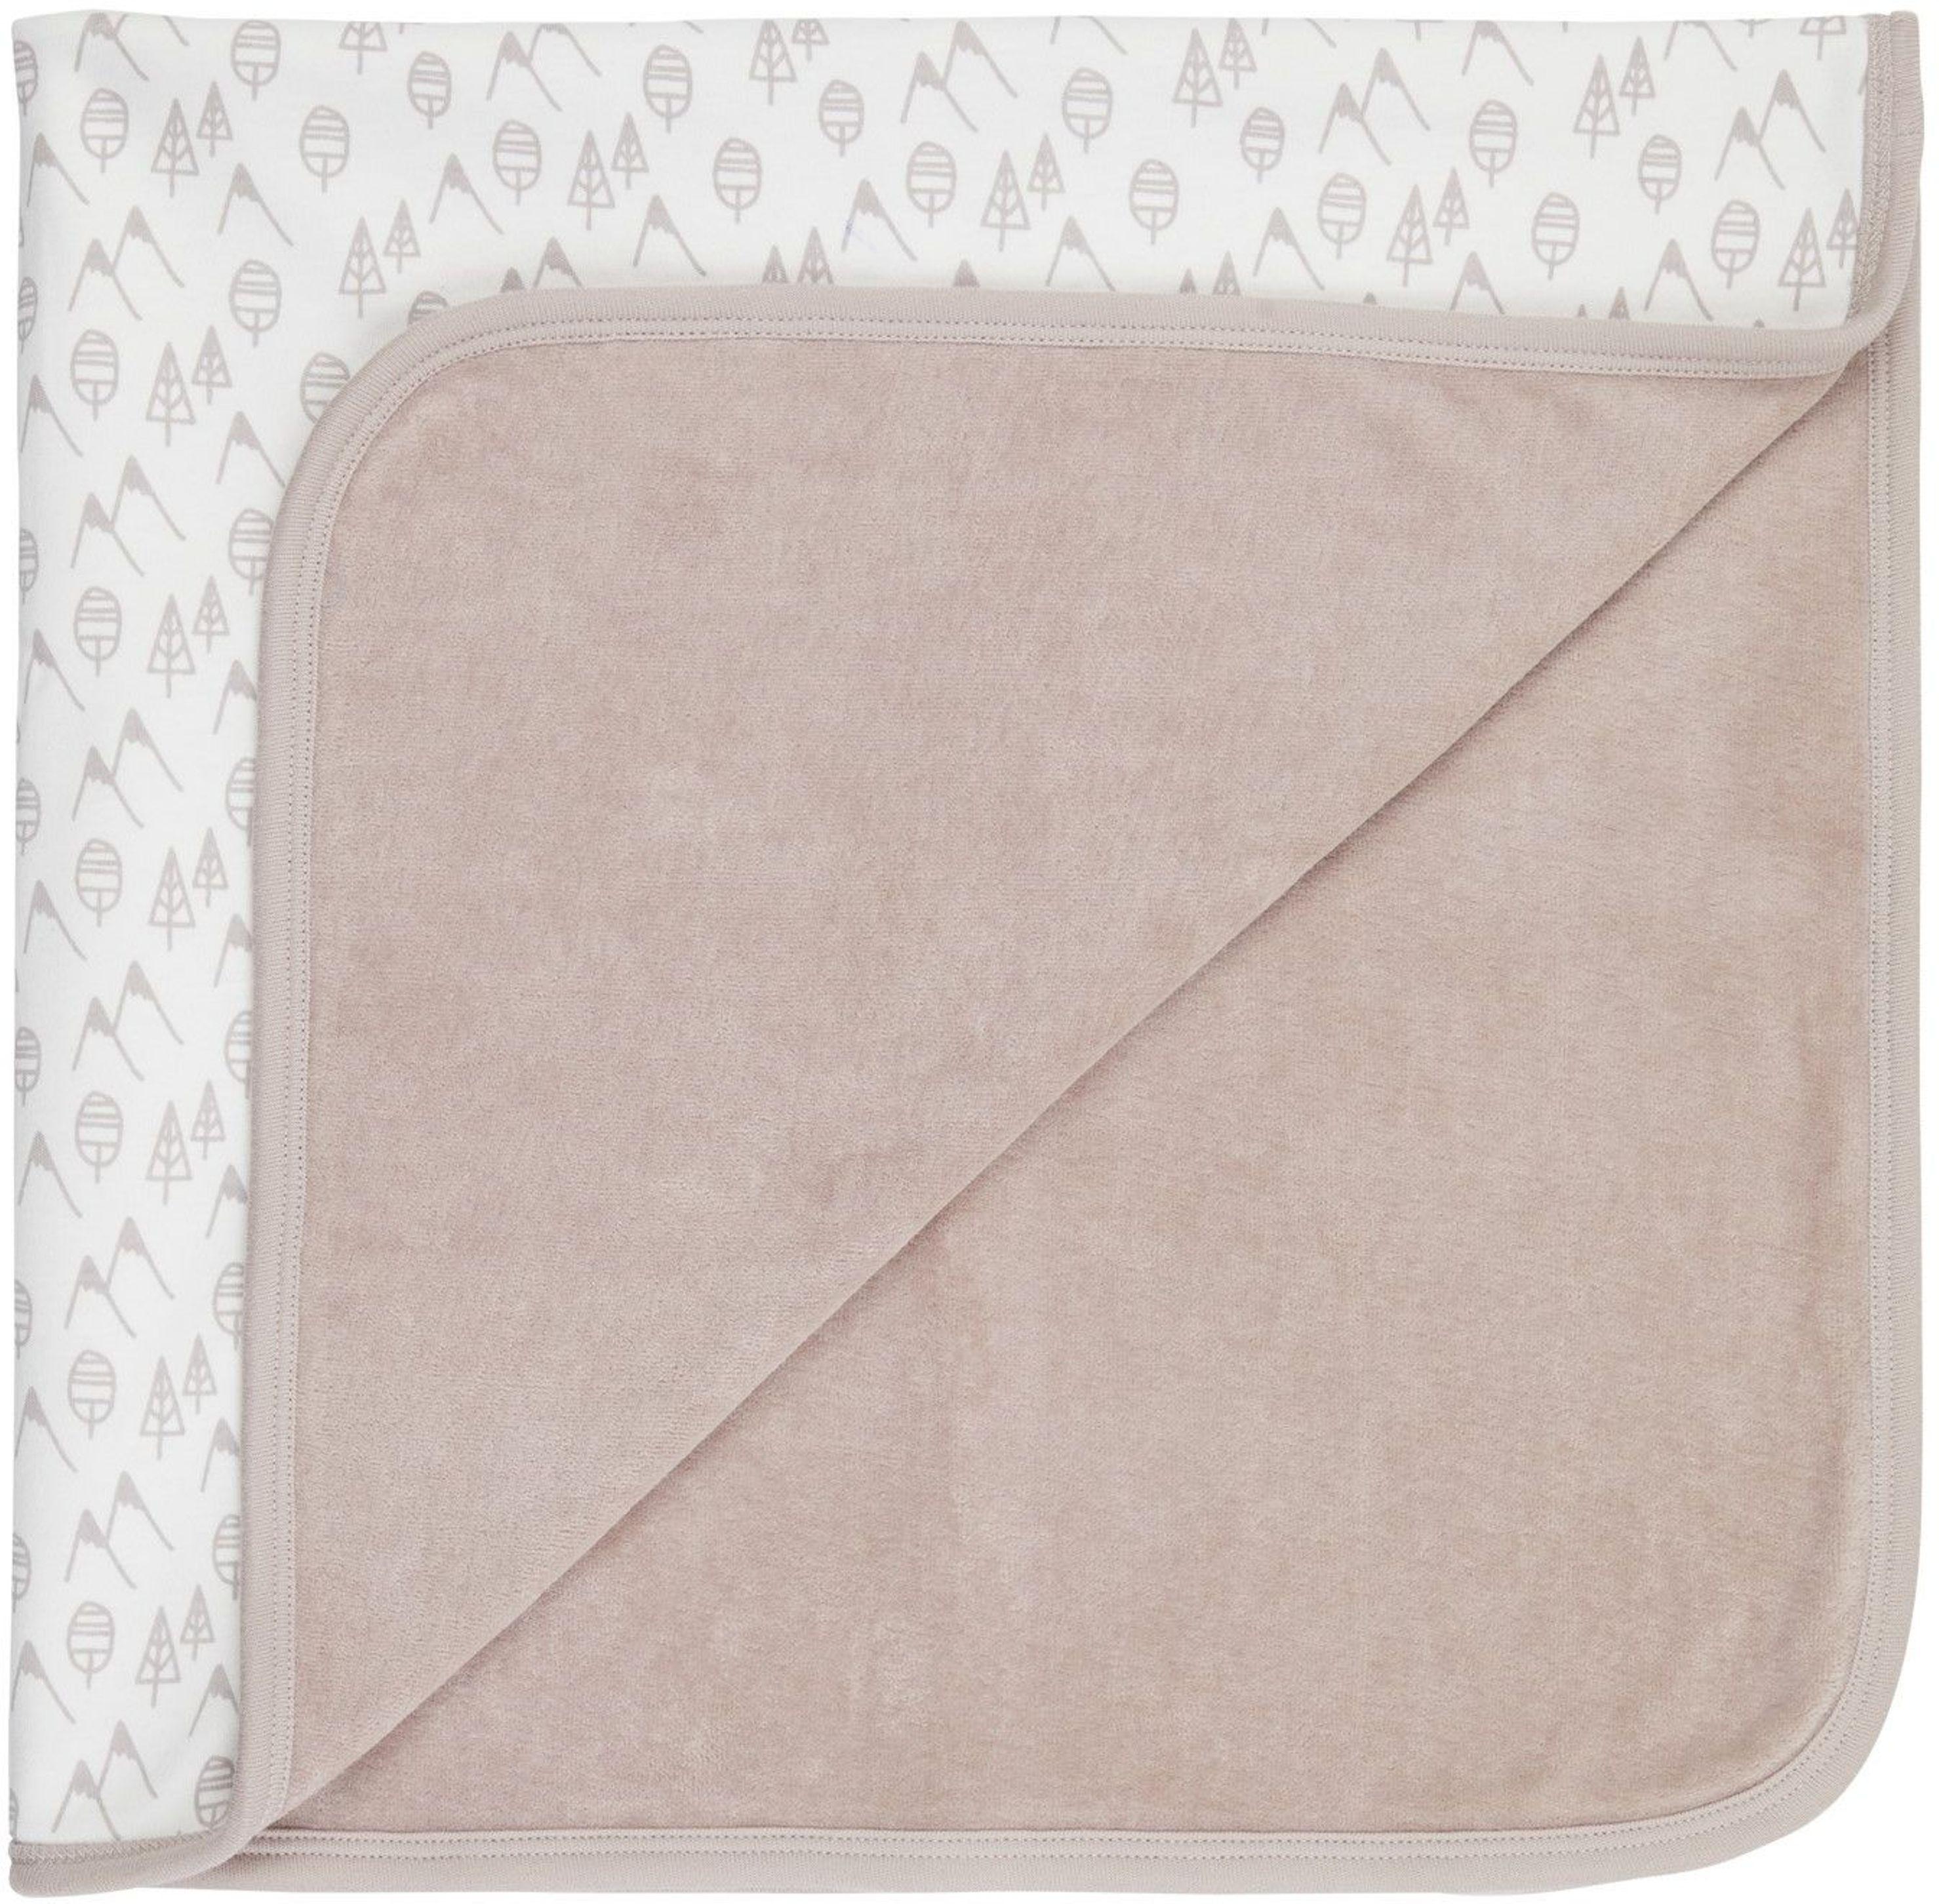 Sense Organic SITA Baby Blanket taupe